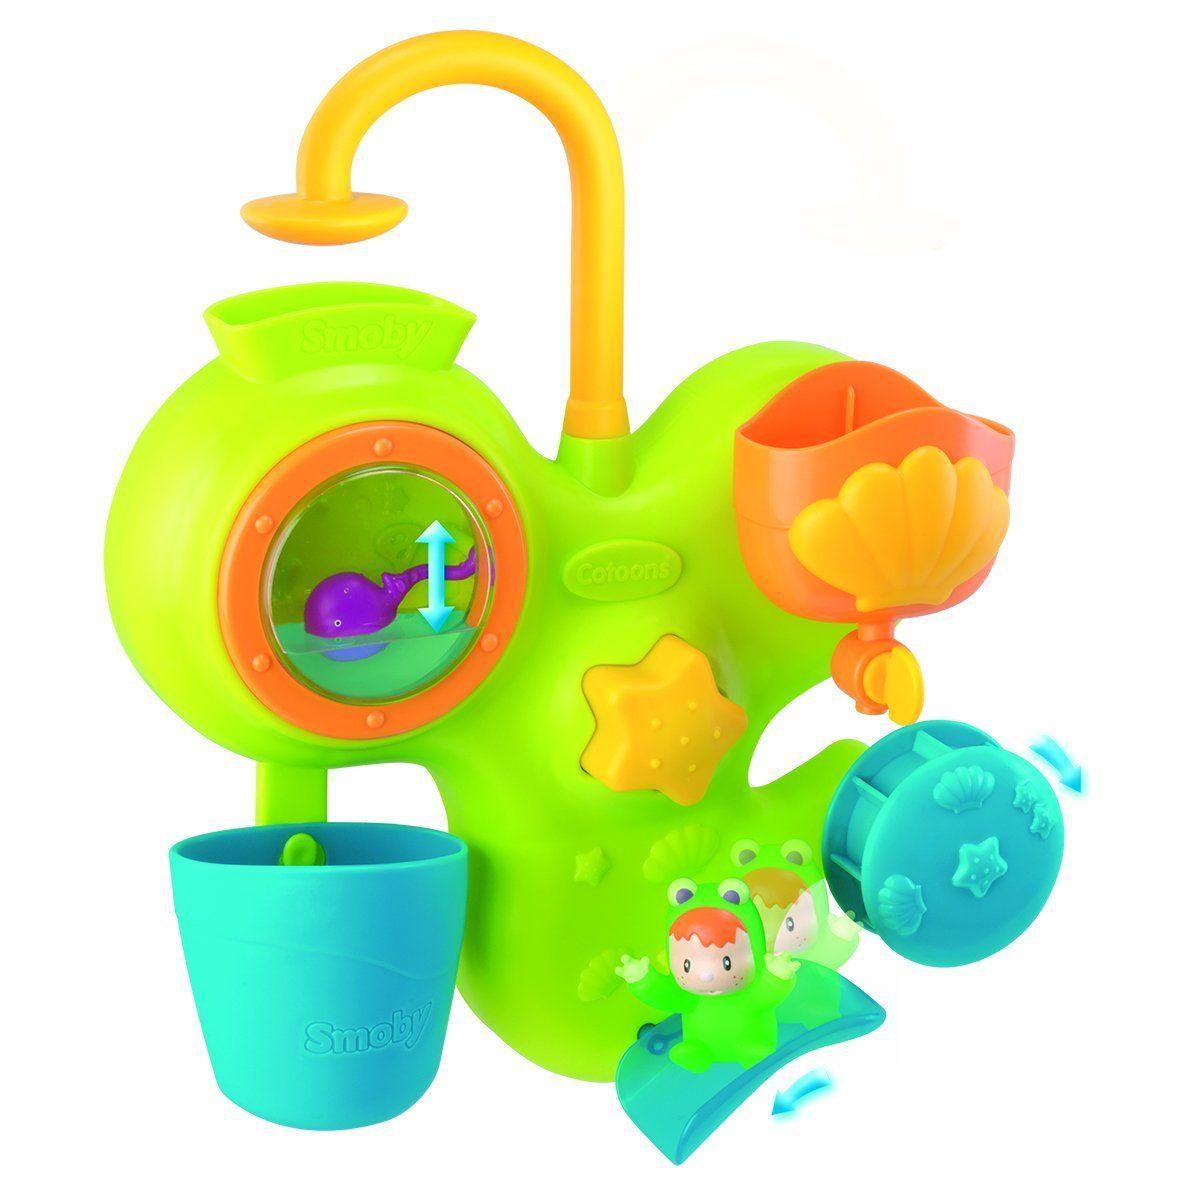 Entrada Individual Juguetes Para Bano Juguetes Y Juguetes Para Bebe